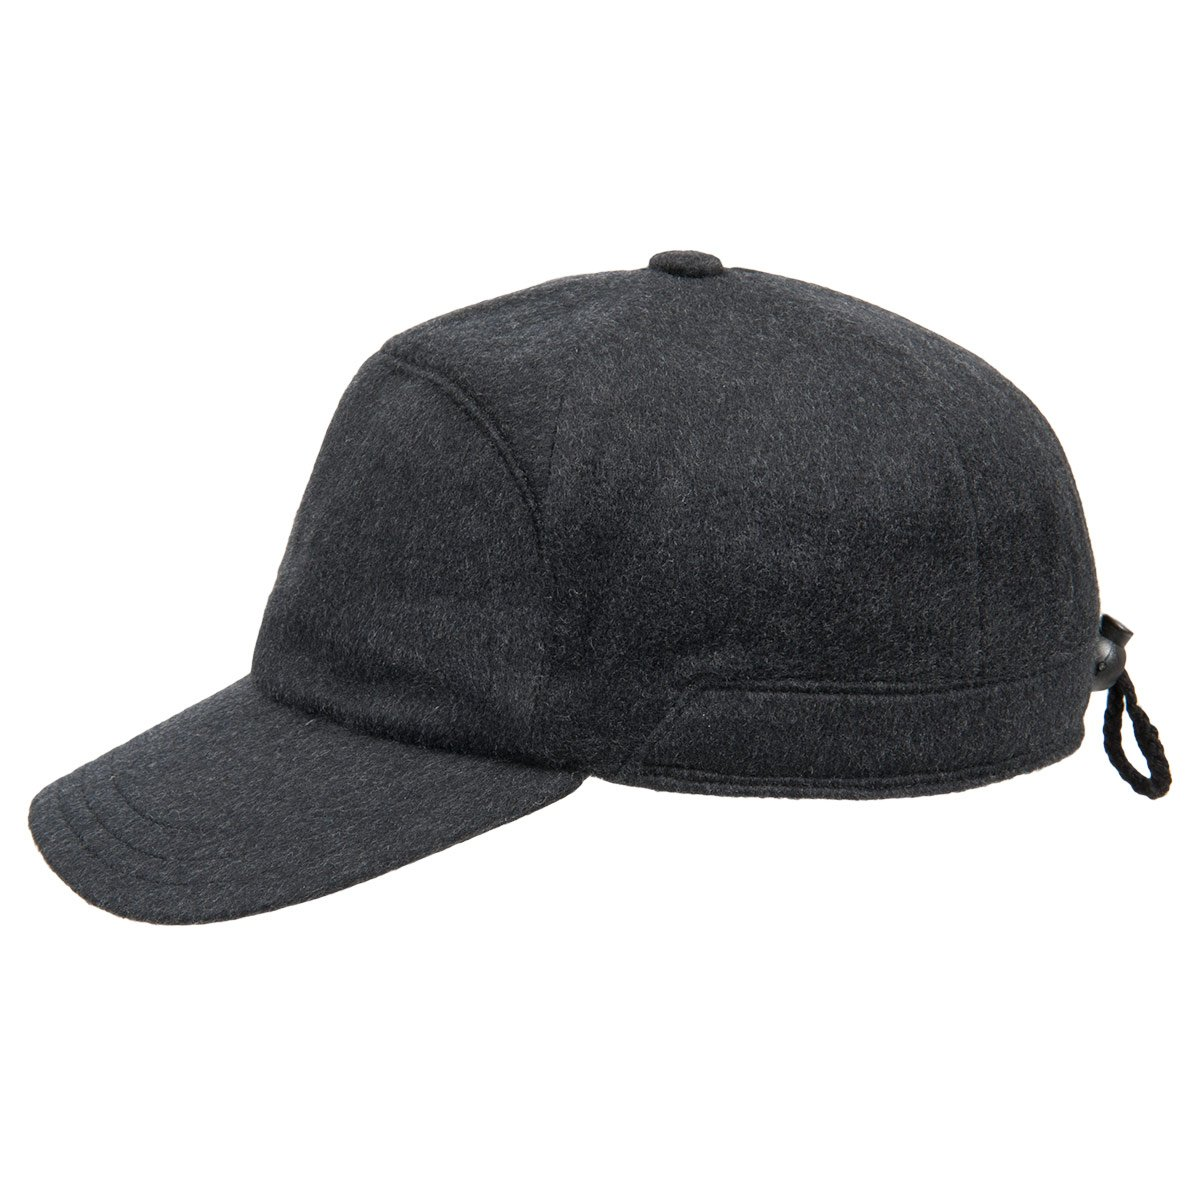 HUTTER   cappelleria Hutstuebele - cappelli e berretti per uomo ... 037ac553e63f